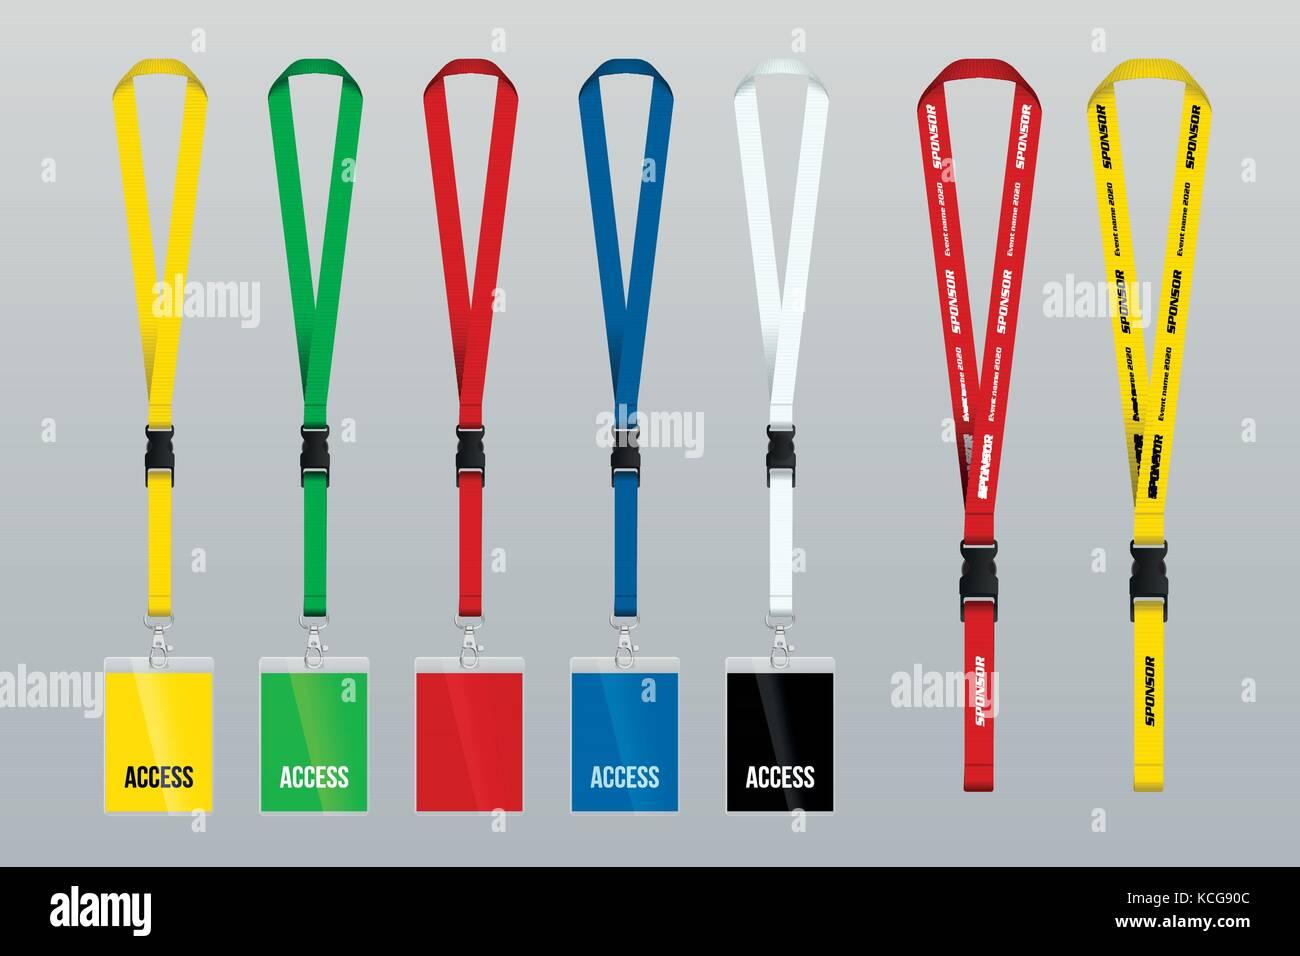 Badge Vectors Stockfotos & Badge Vectors Bilder - Alamy